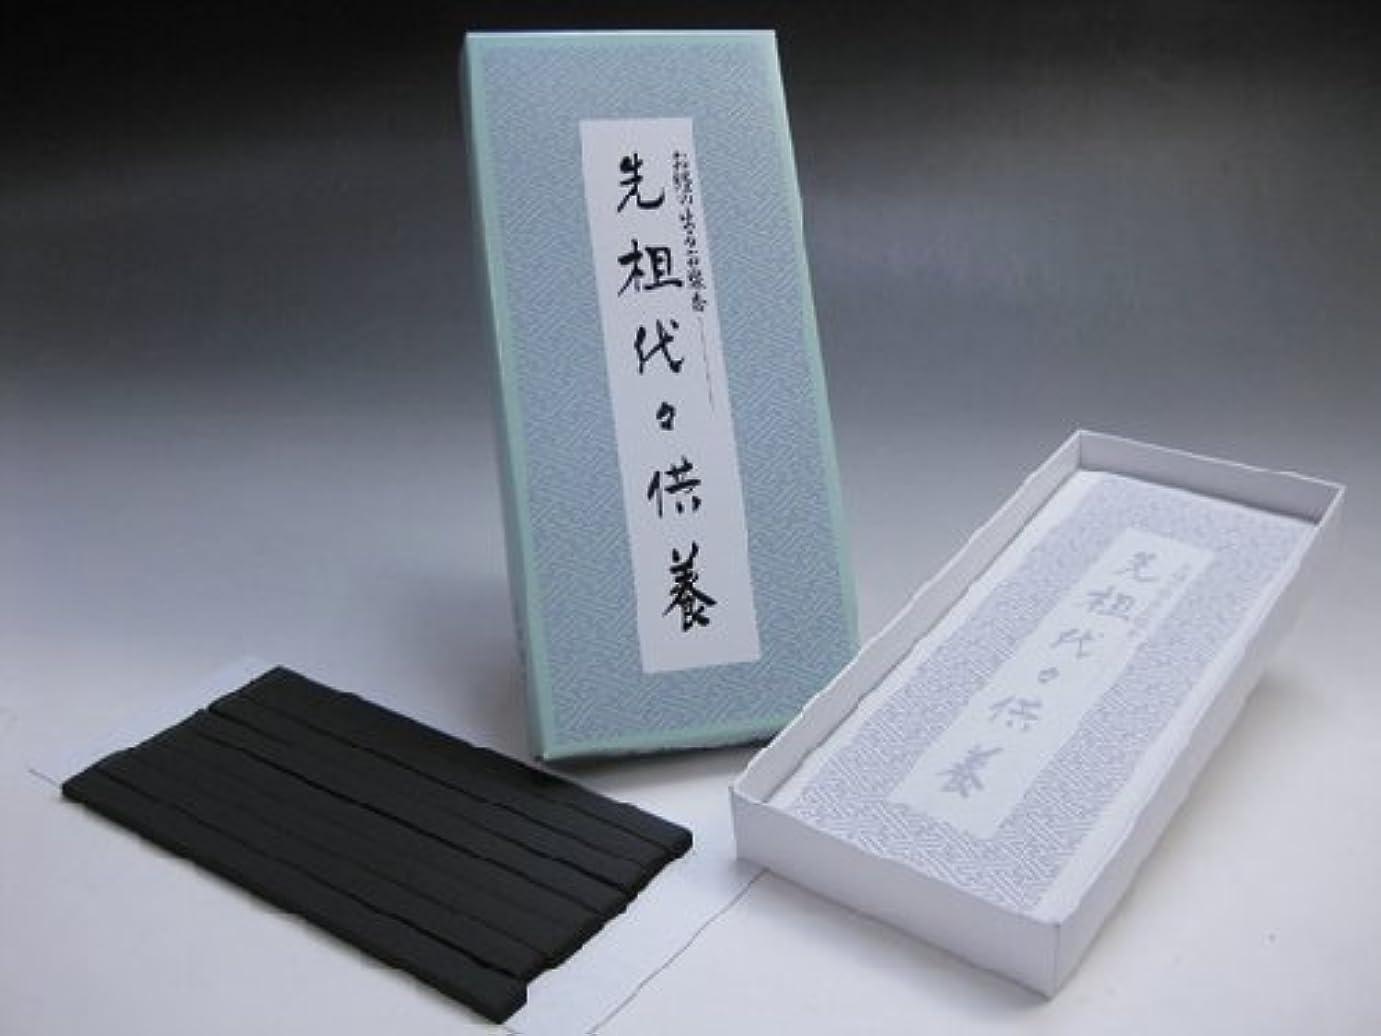 枯渇する悲しい常習者日本香堂のお線香 経文香 先祖代々供養